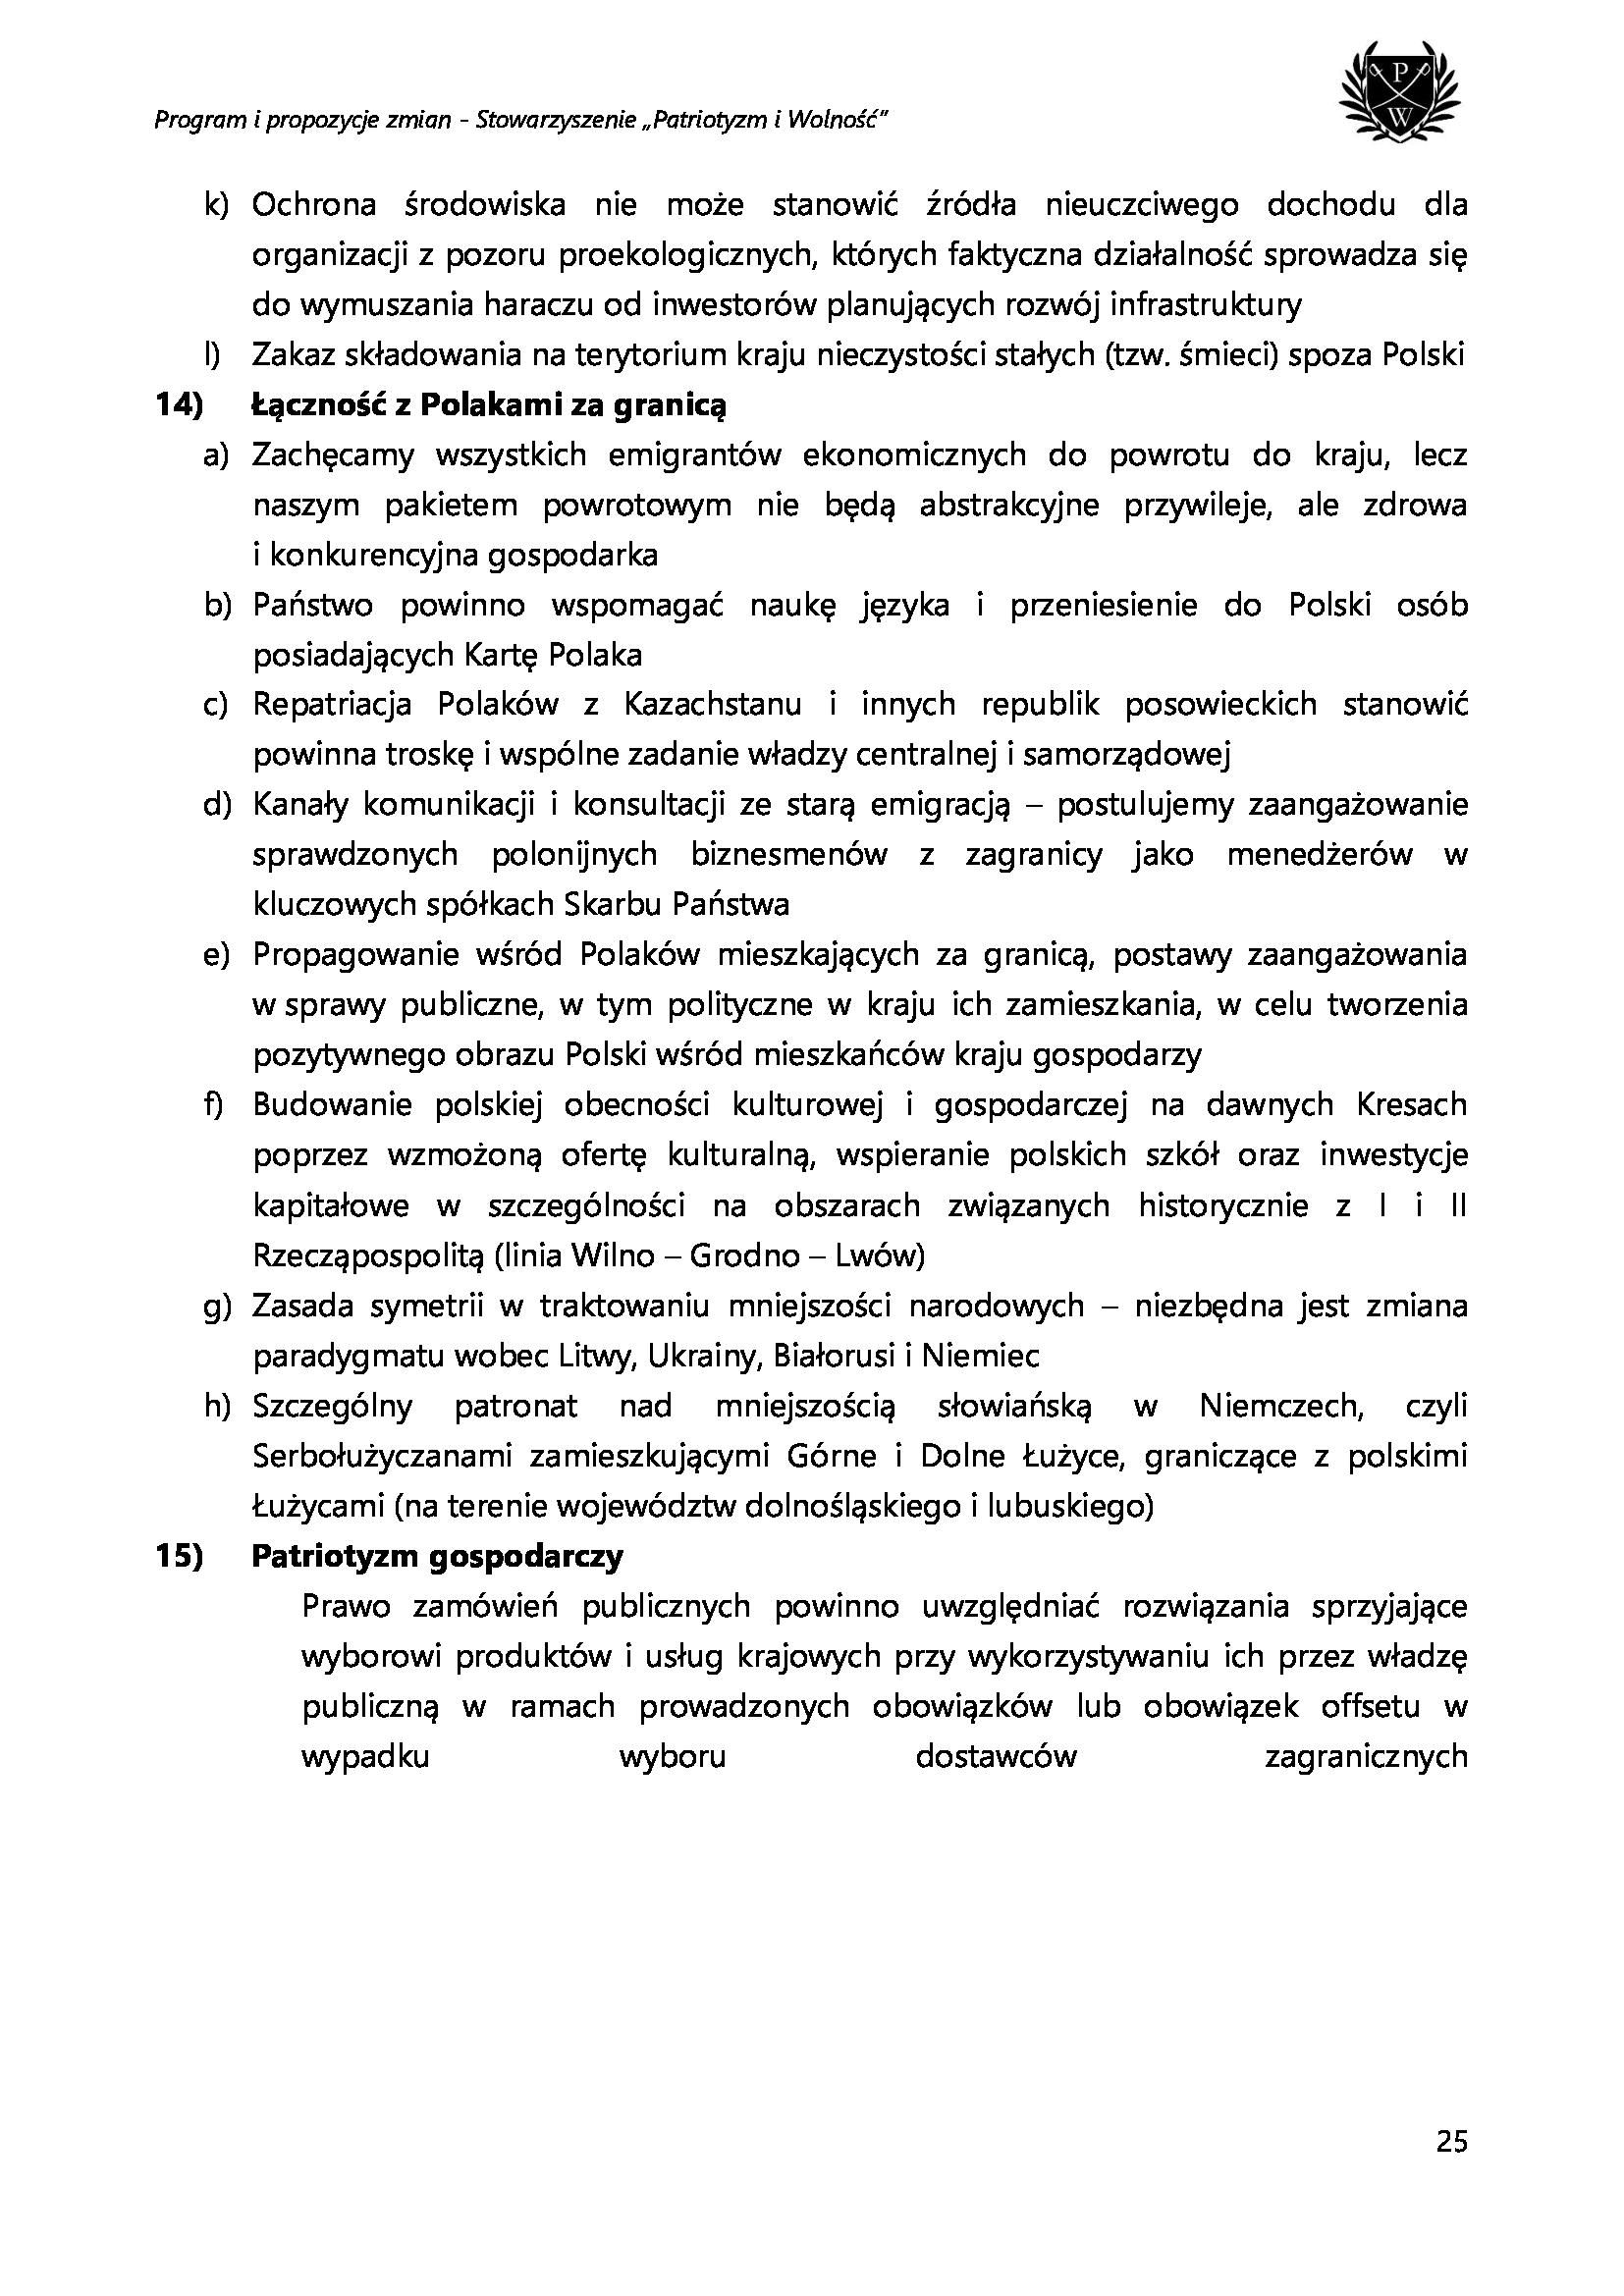 db9e272ef5a9a2e66d26f1905be6c507-25